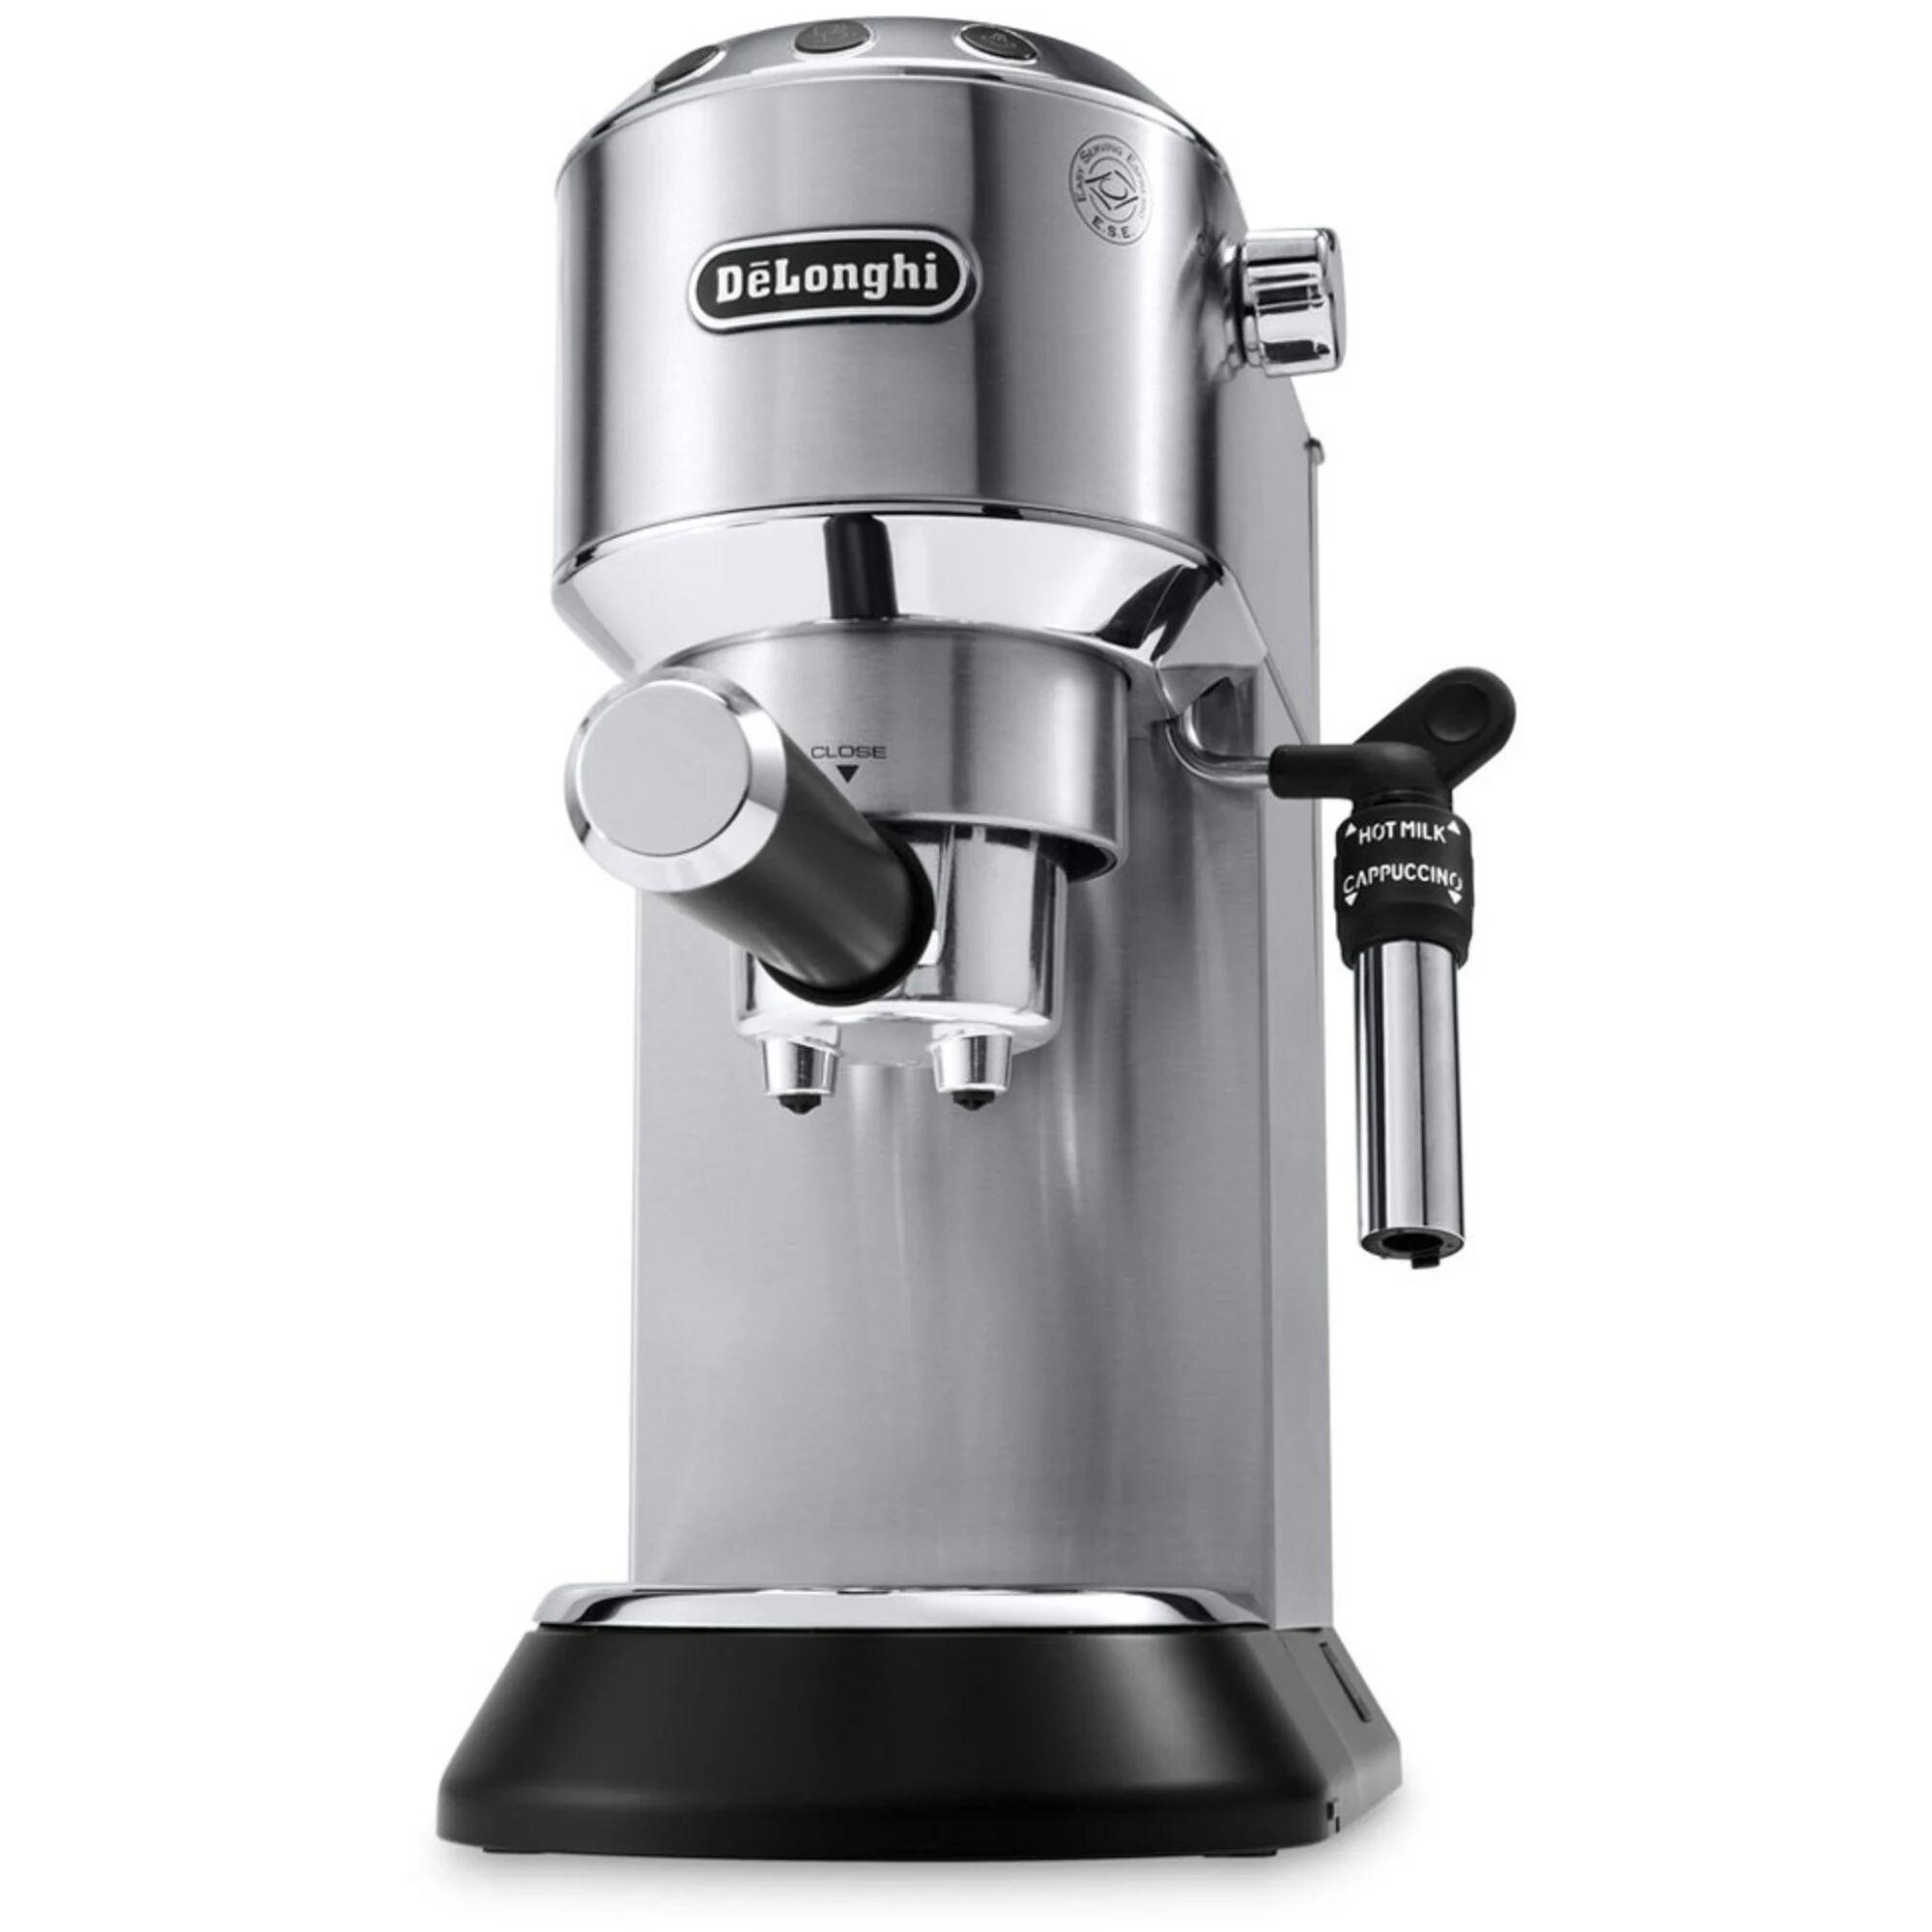 DeLonghi Espressomaskin EC685 - Metall